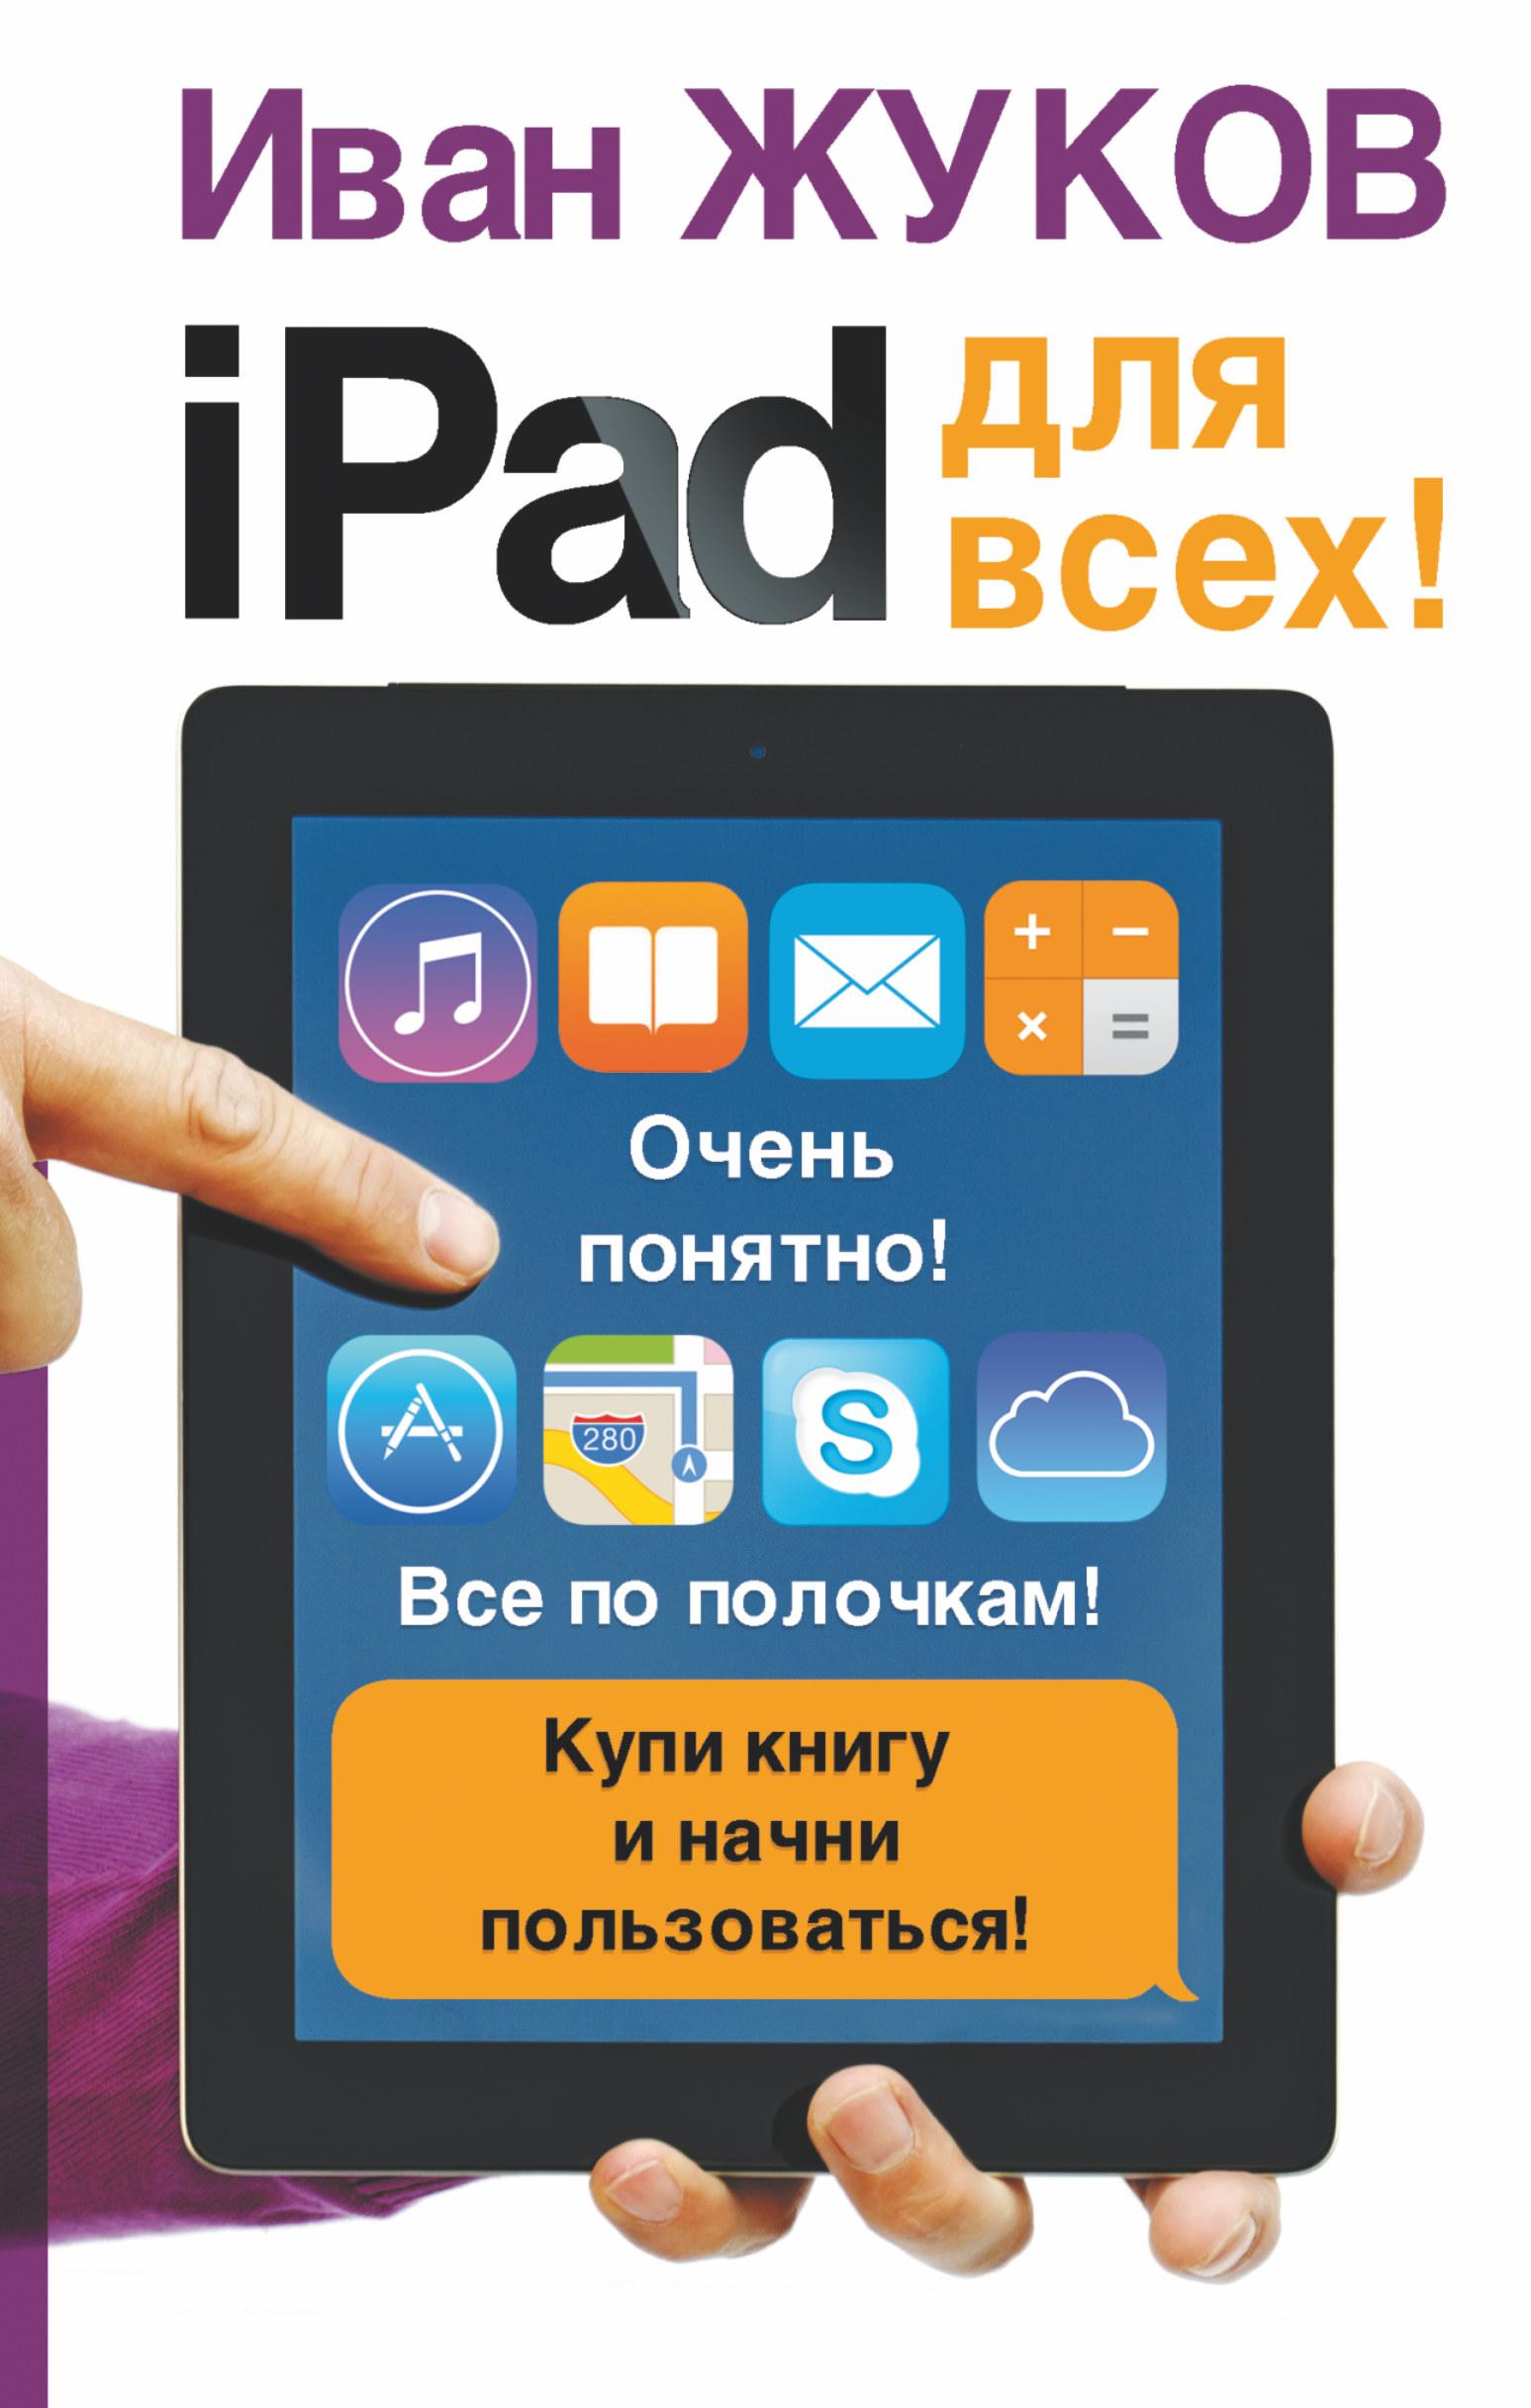 Жуков Иван iPad - для всех!